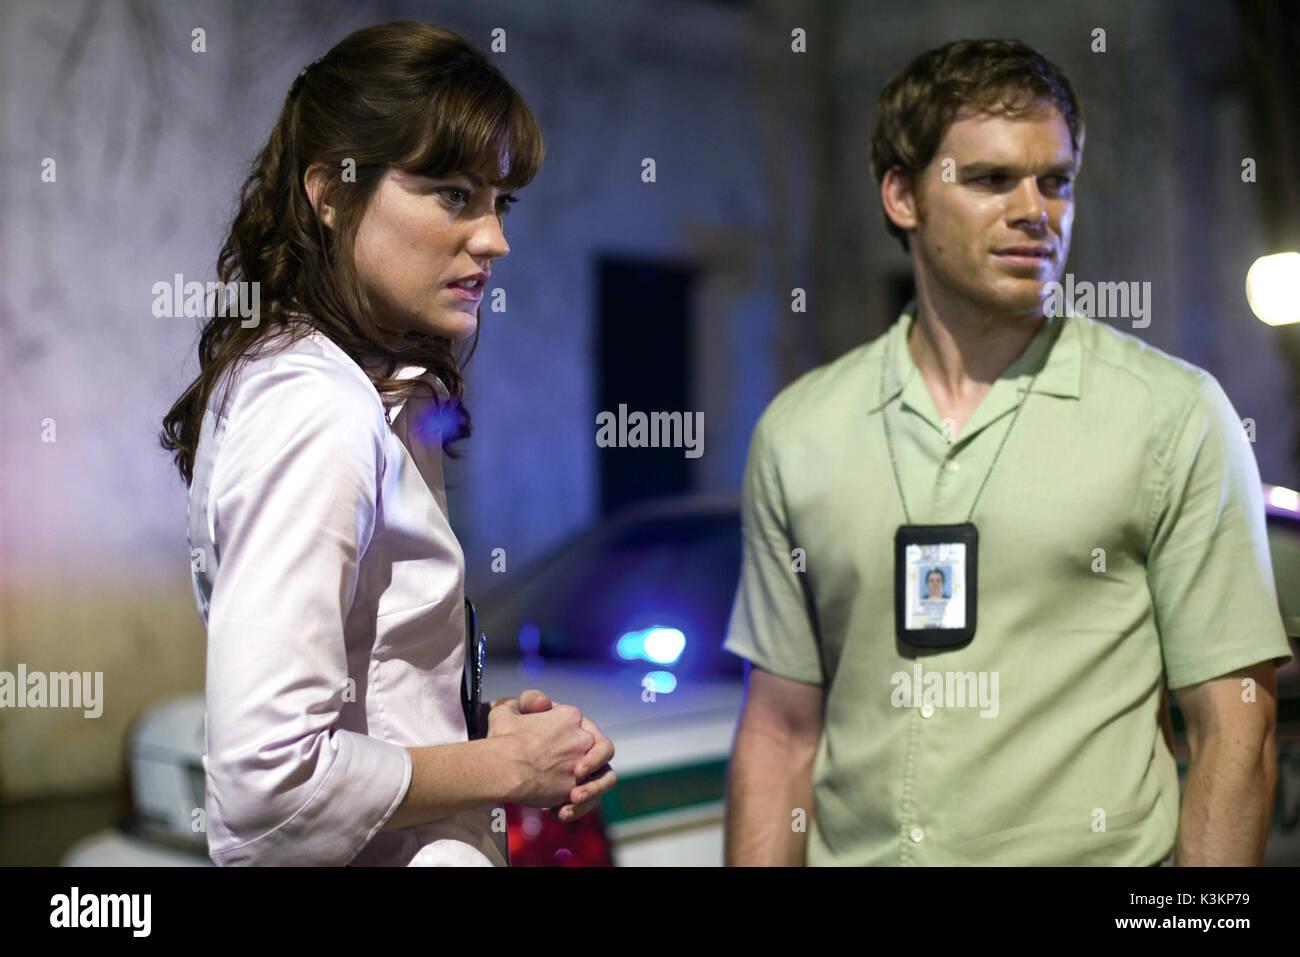 Dexter dating Debra